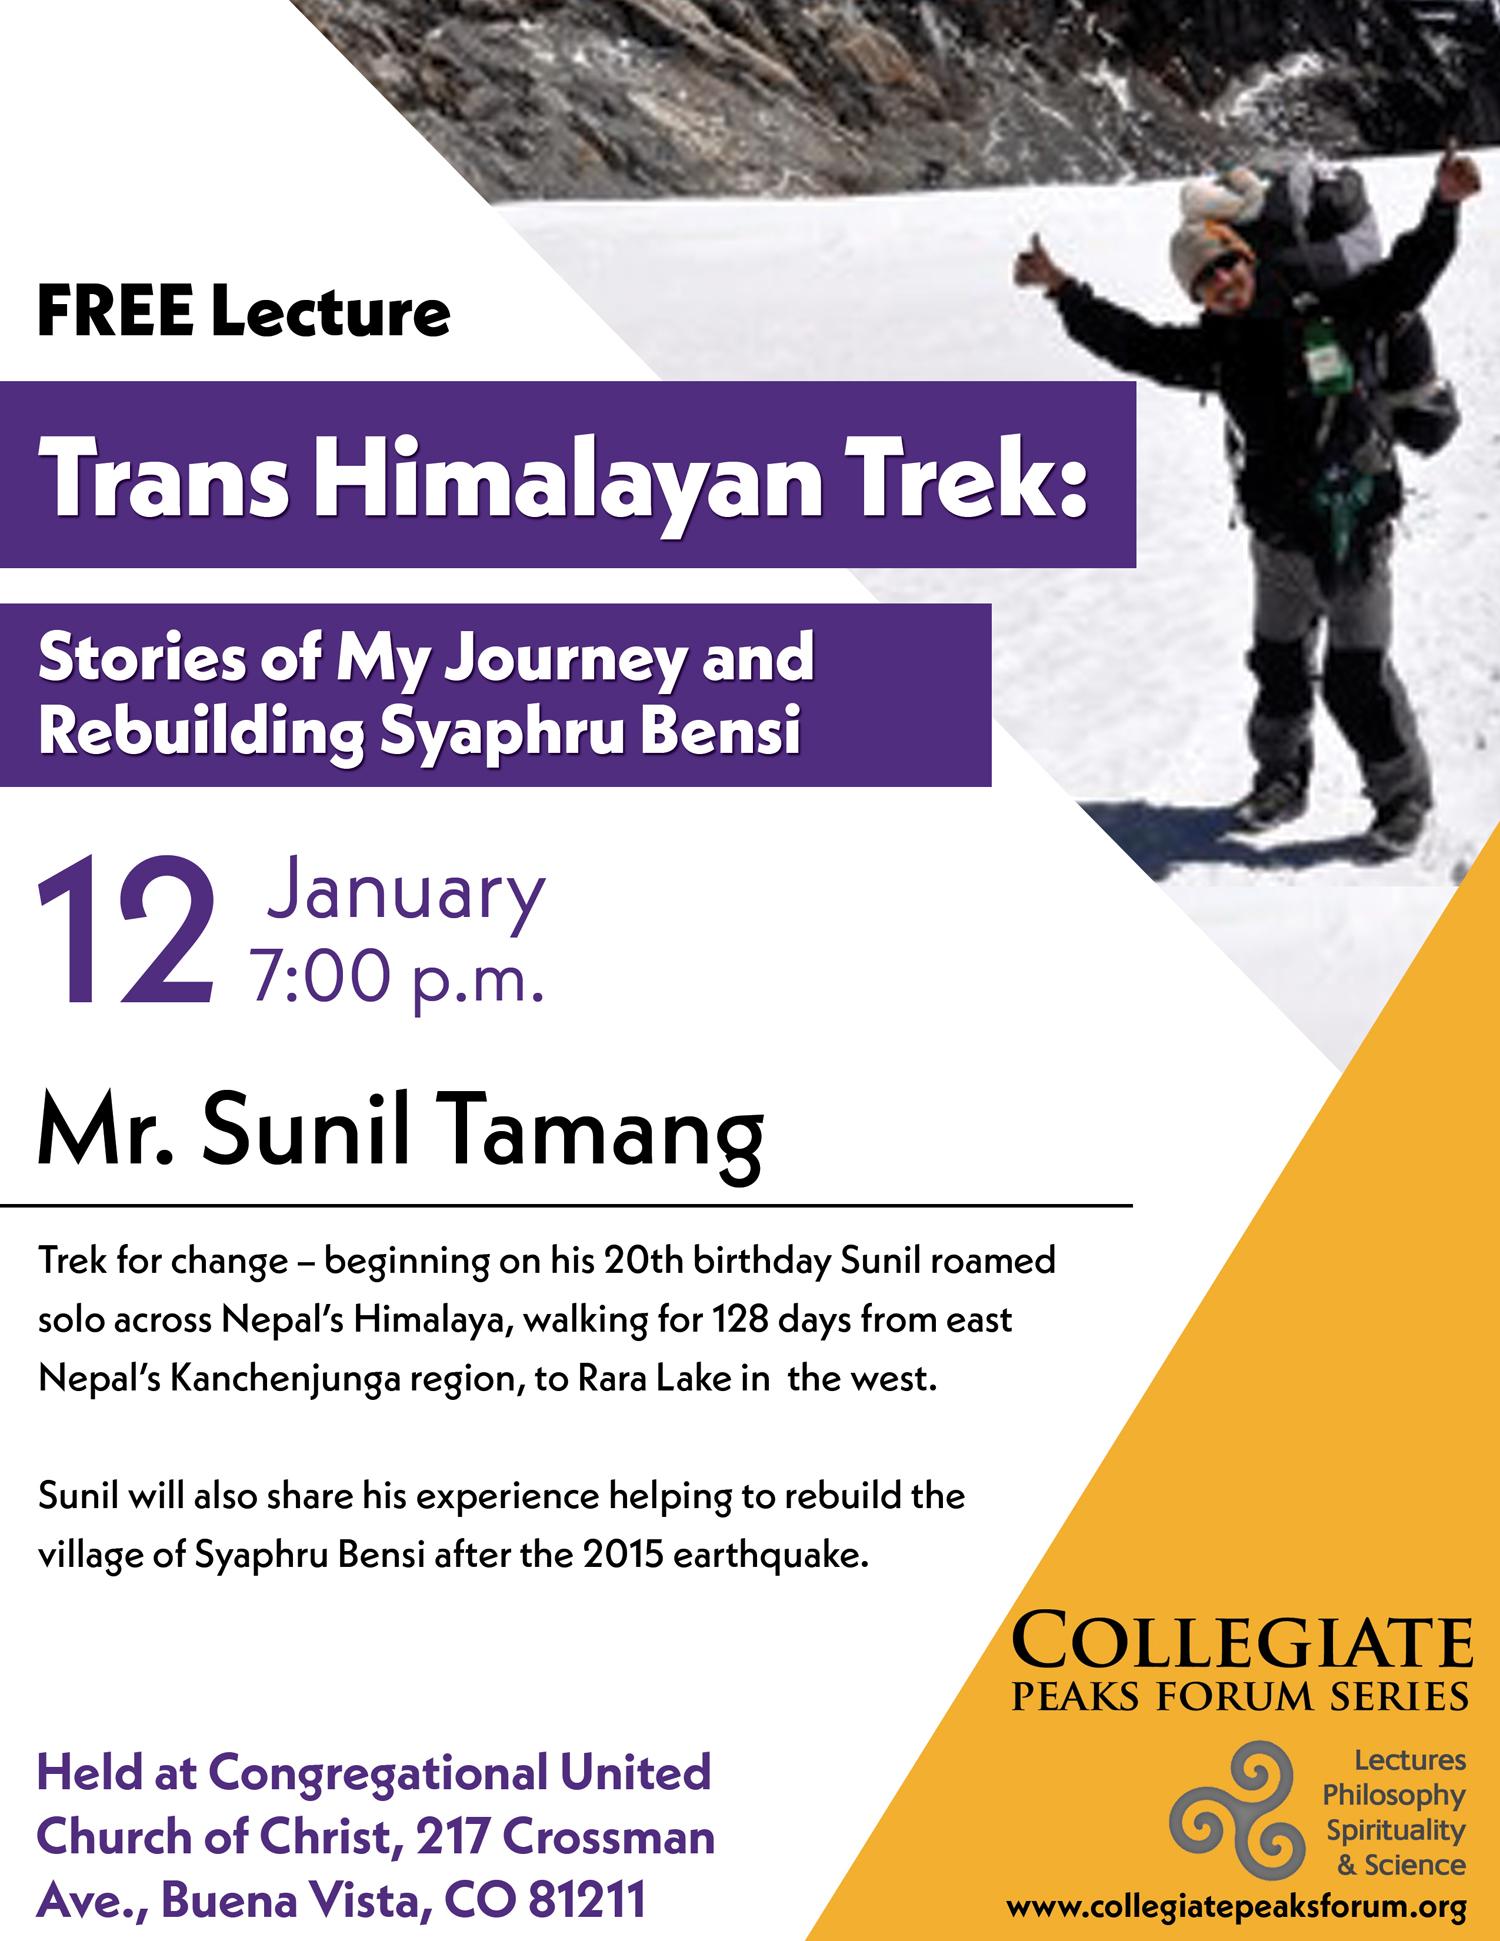 January 12, 2017 Mr. Sunil Tamang